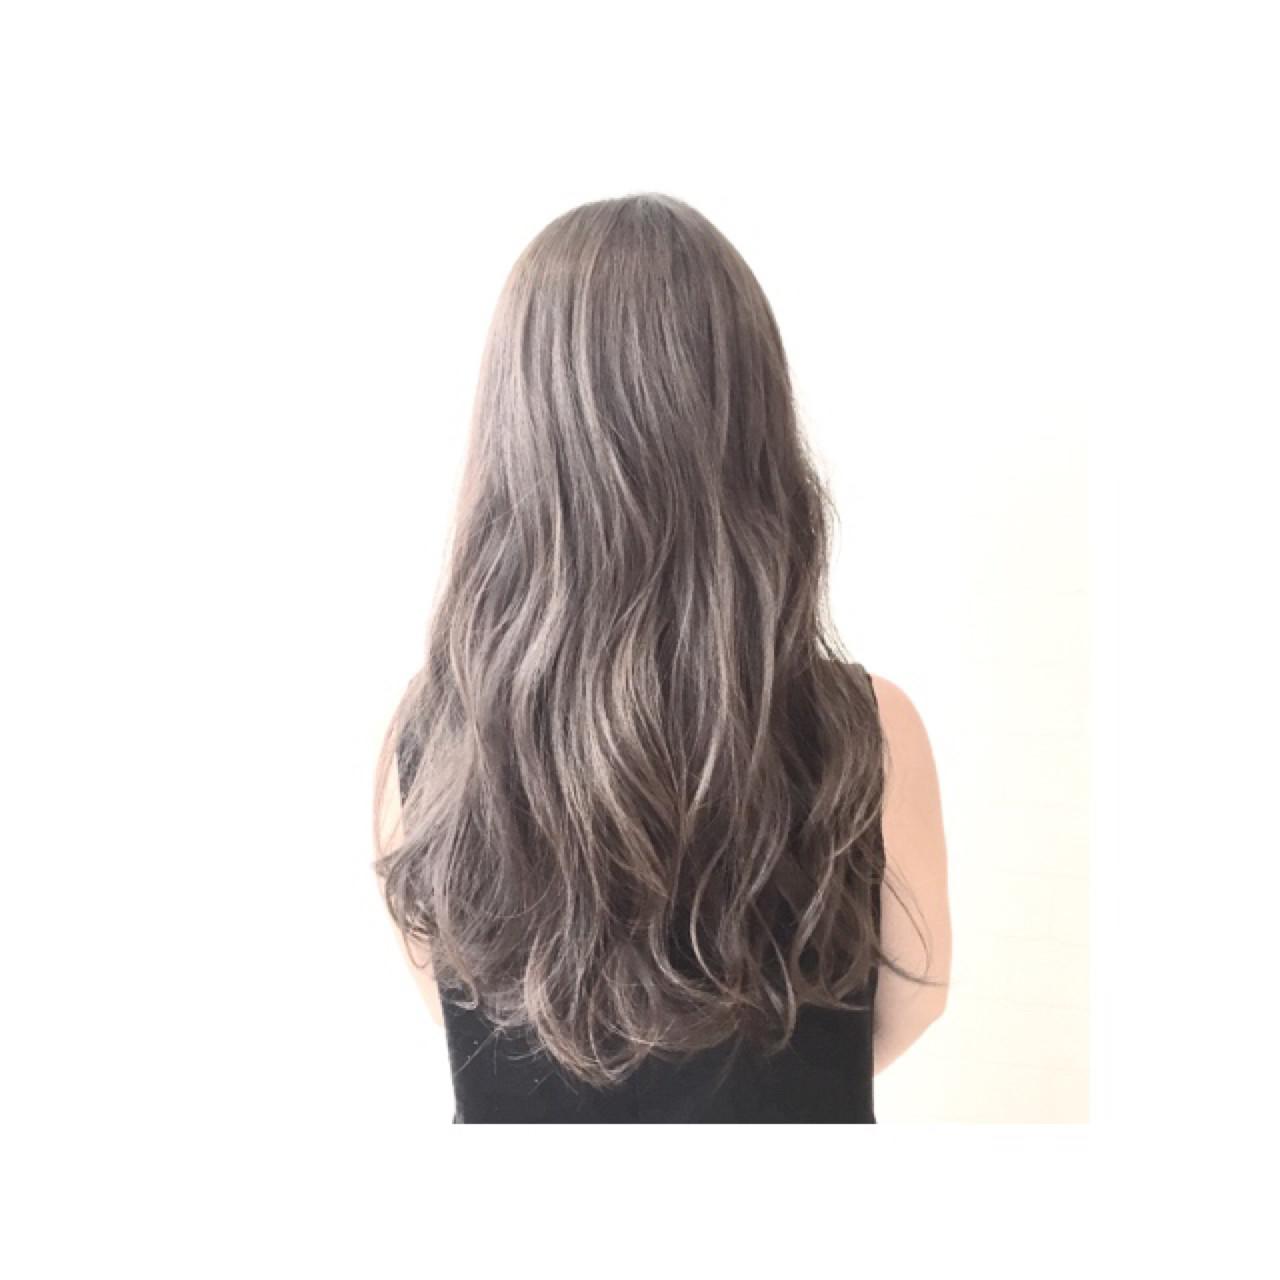 グラデーションカラー 暗髪 ハイライト アッシュ ヘアスタイルや髪型の写真・画像